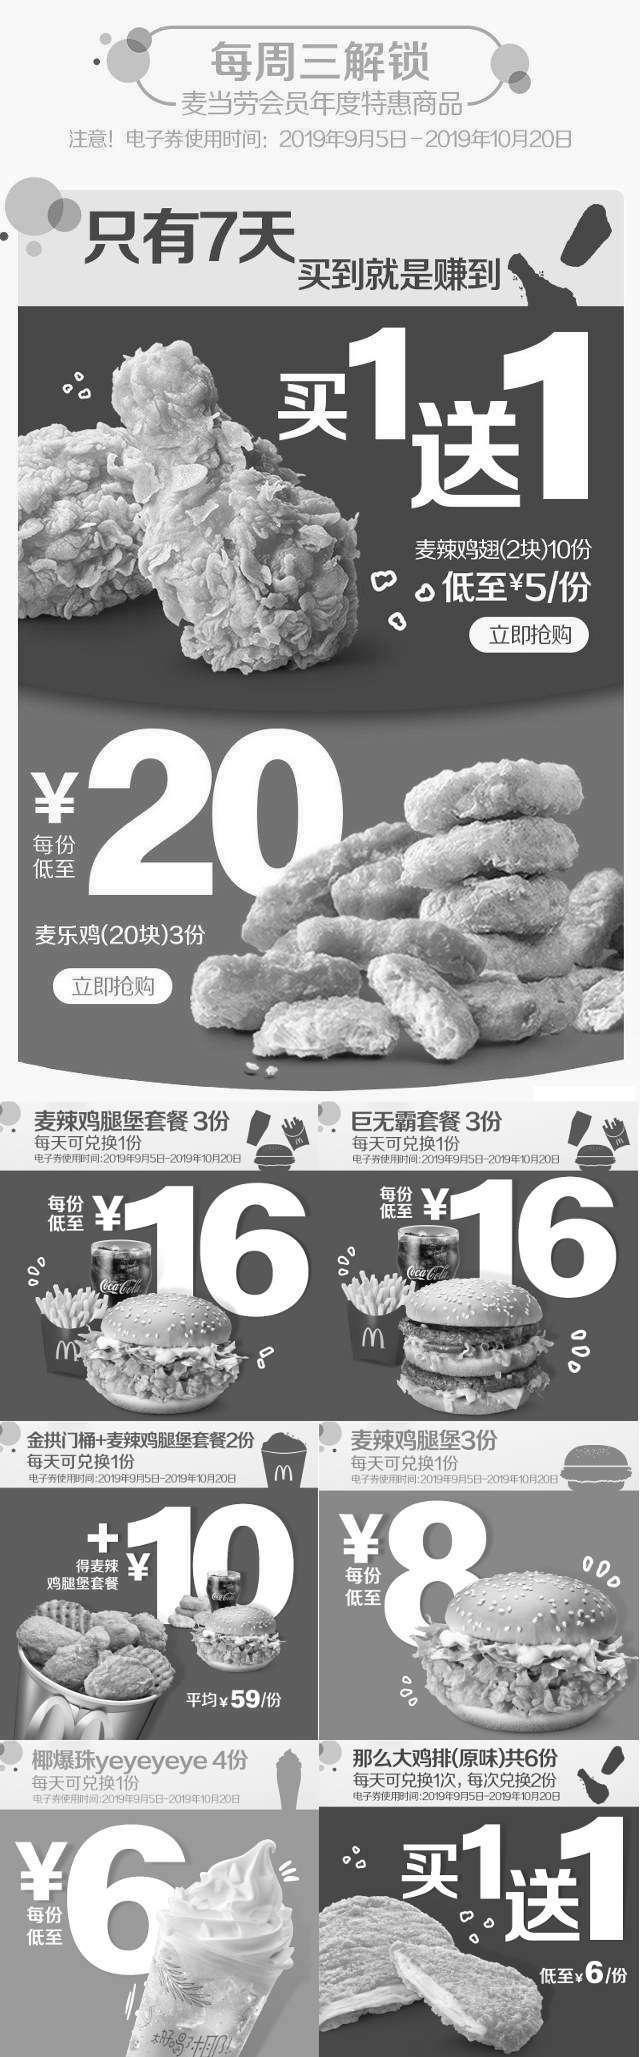 黑白优惠券图片:麦当劳天猫旗舰店会员年度特惠,半价迷彩桶、买1送1那么大鸡排 - www.5ikfc.com